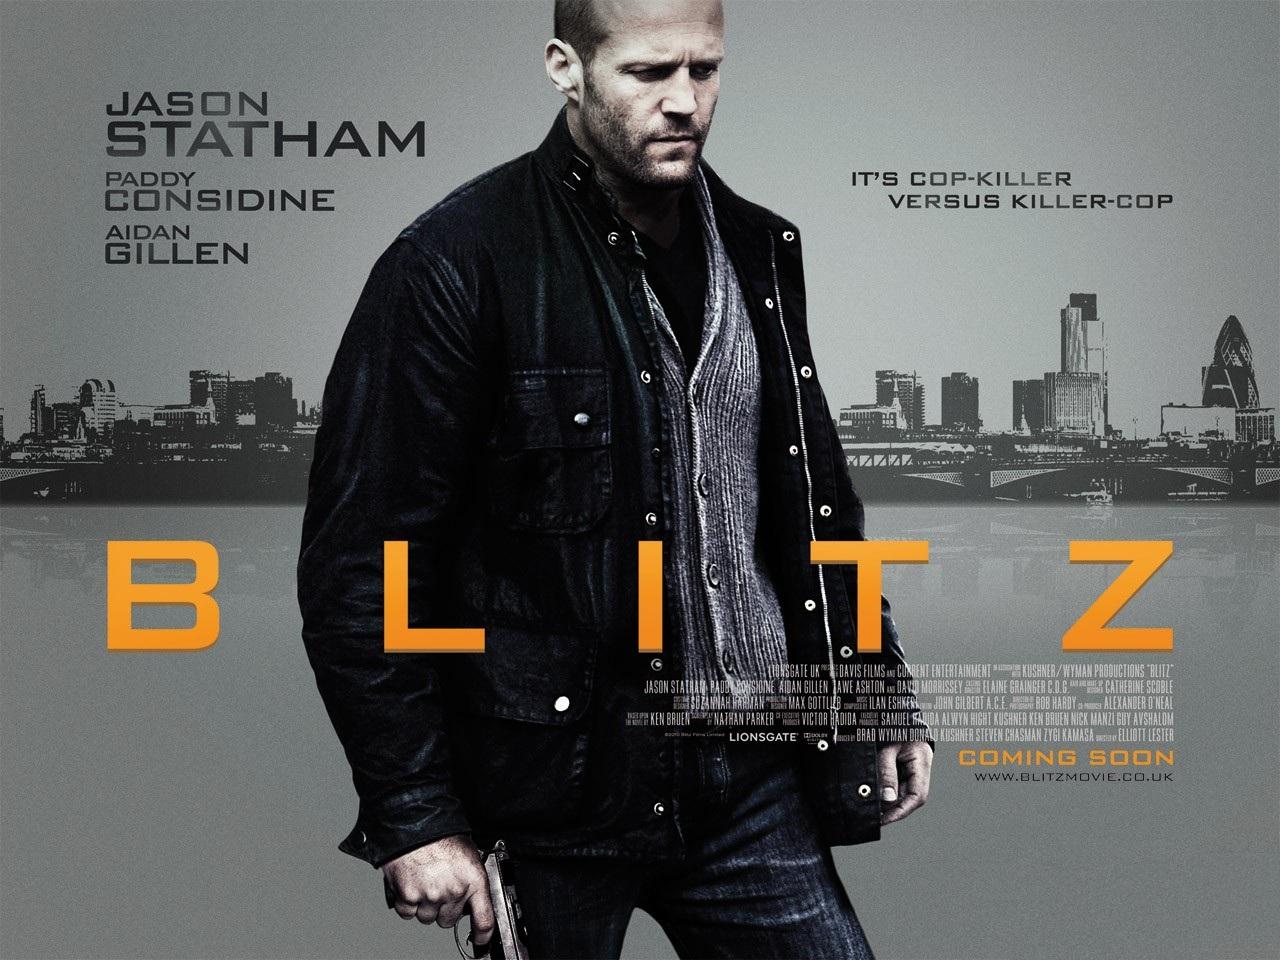 filmin konusu cok yetenekli ve teşkilatın en oenemli polislerinden